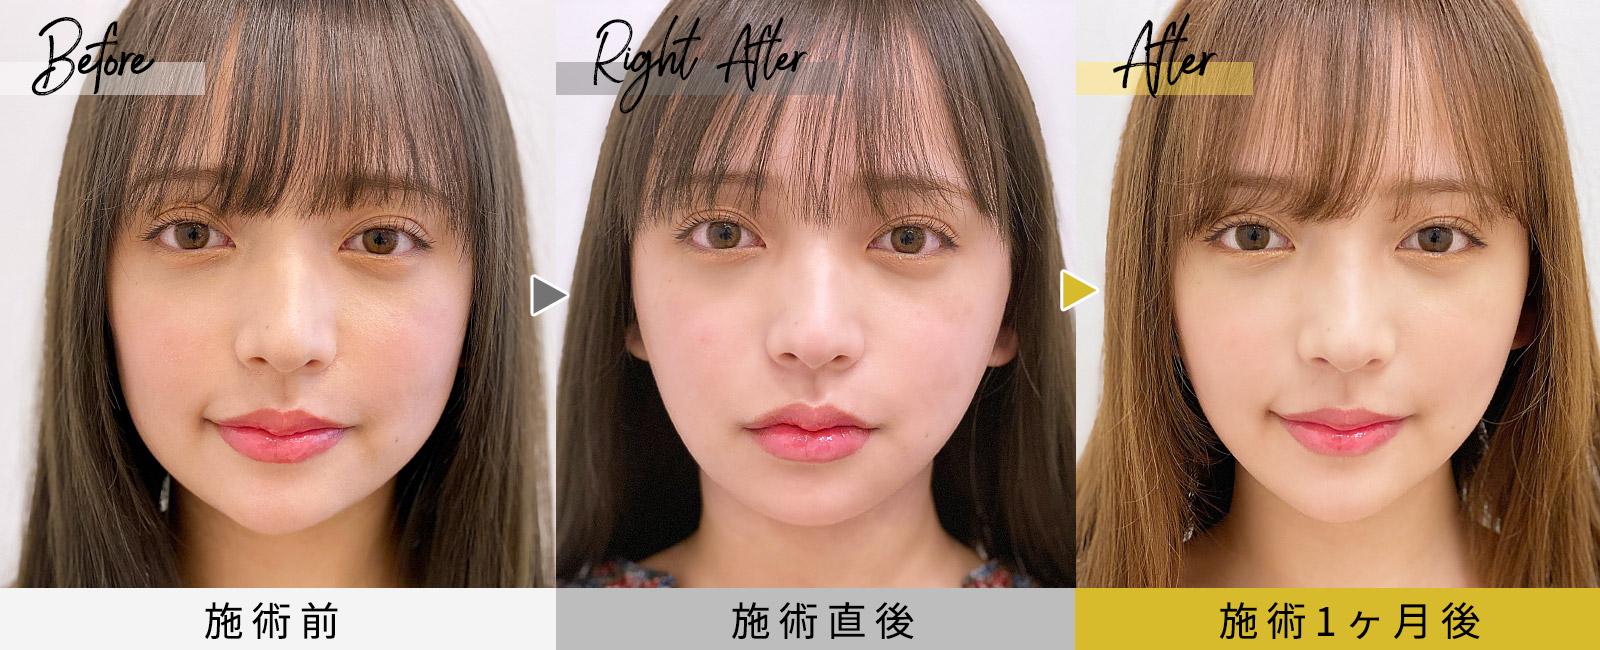 顔の脂肪吸引症例